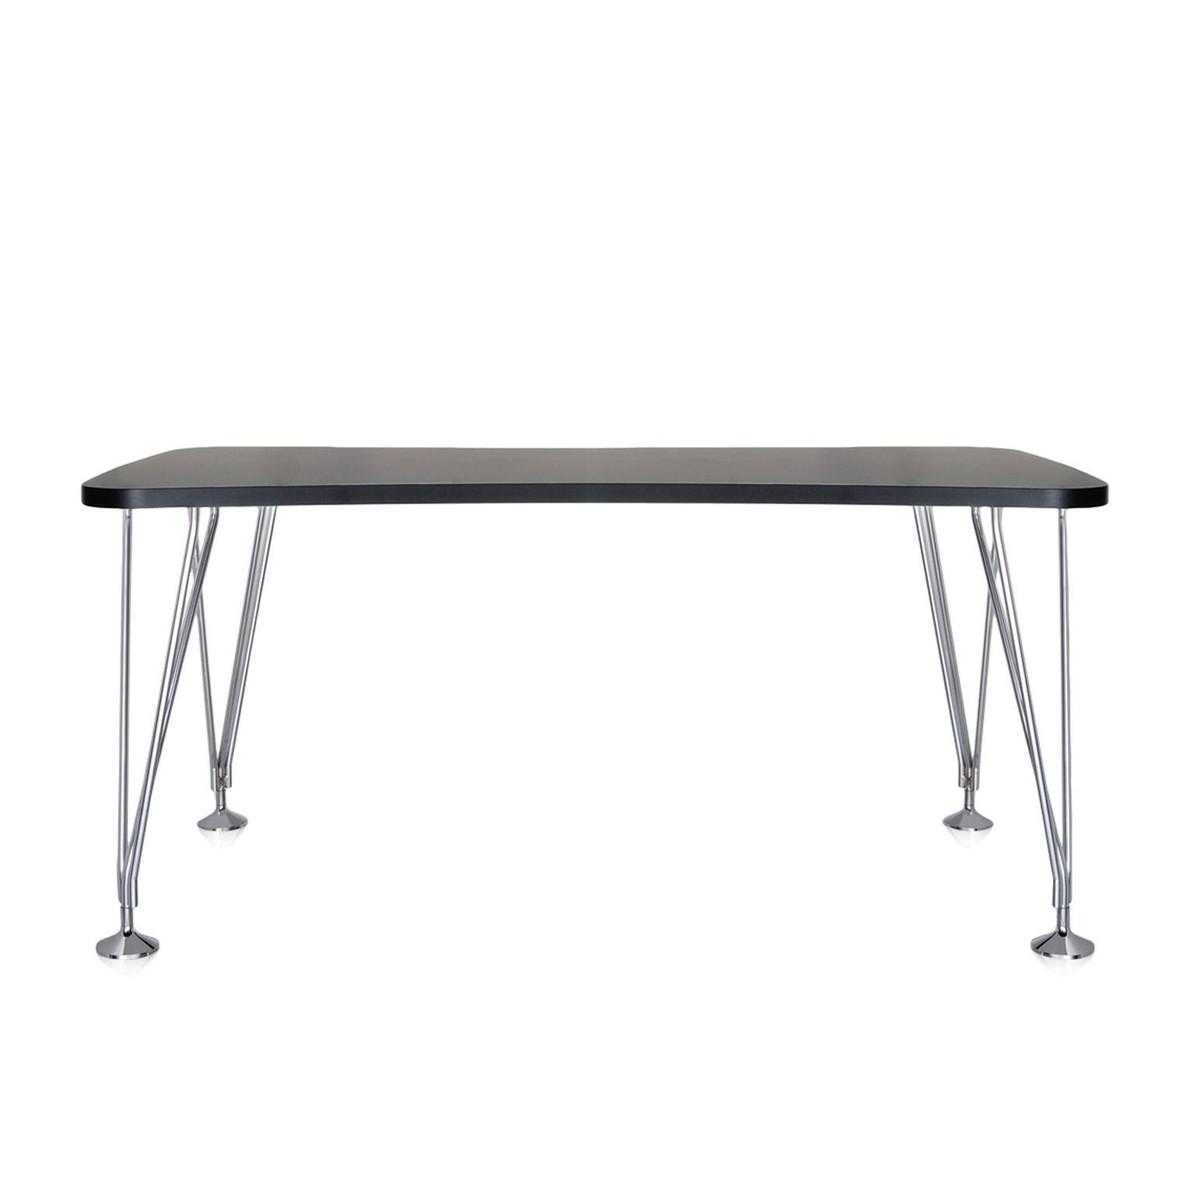 Max table 160x80cm kartell for Table kartell